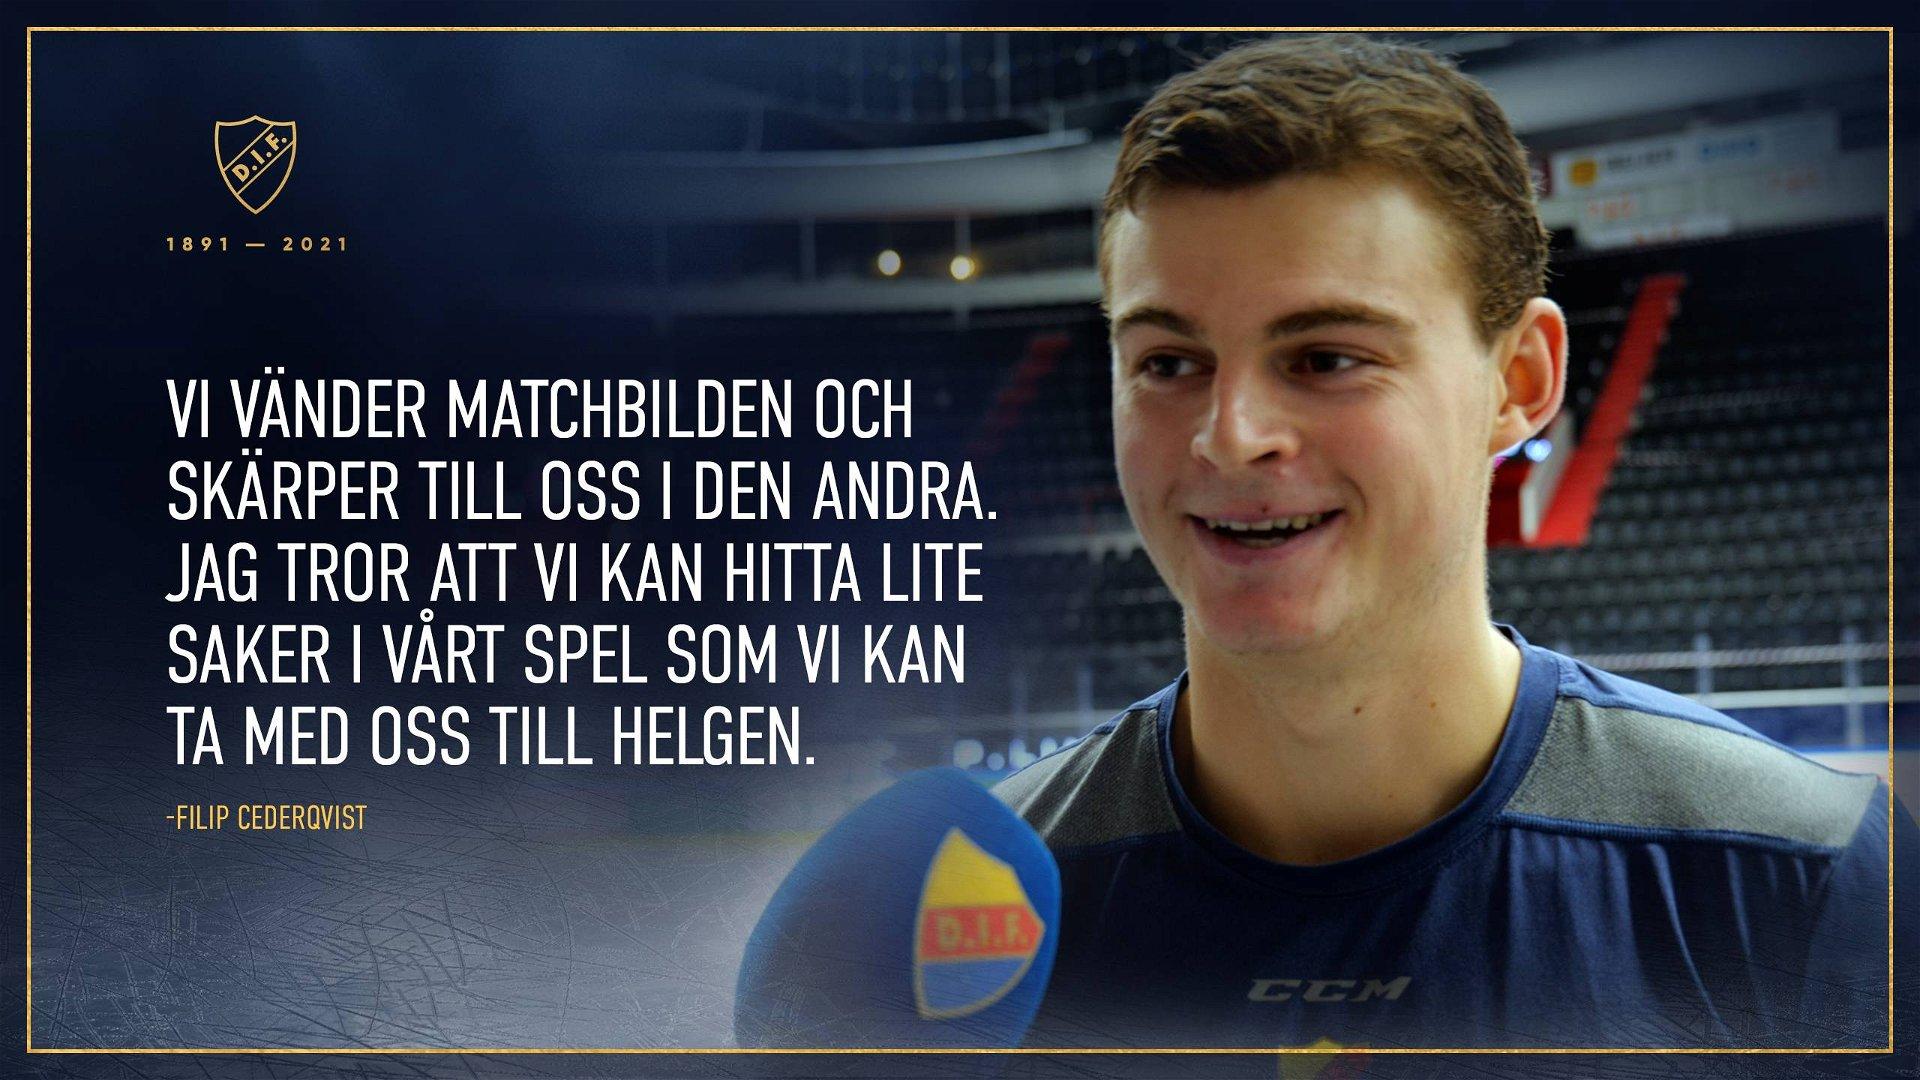 """Filip Cederqvist: """"Vi vänder matchbilden i andra"""""""